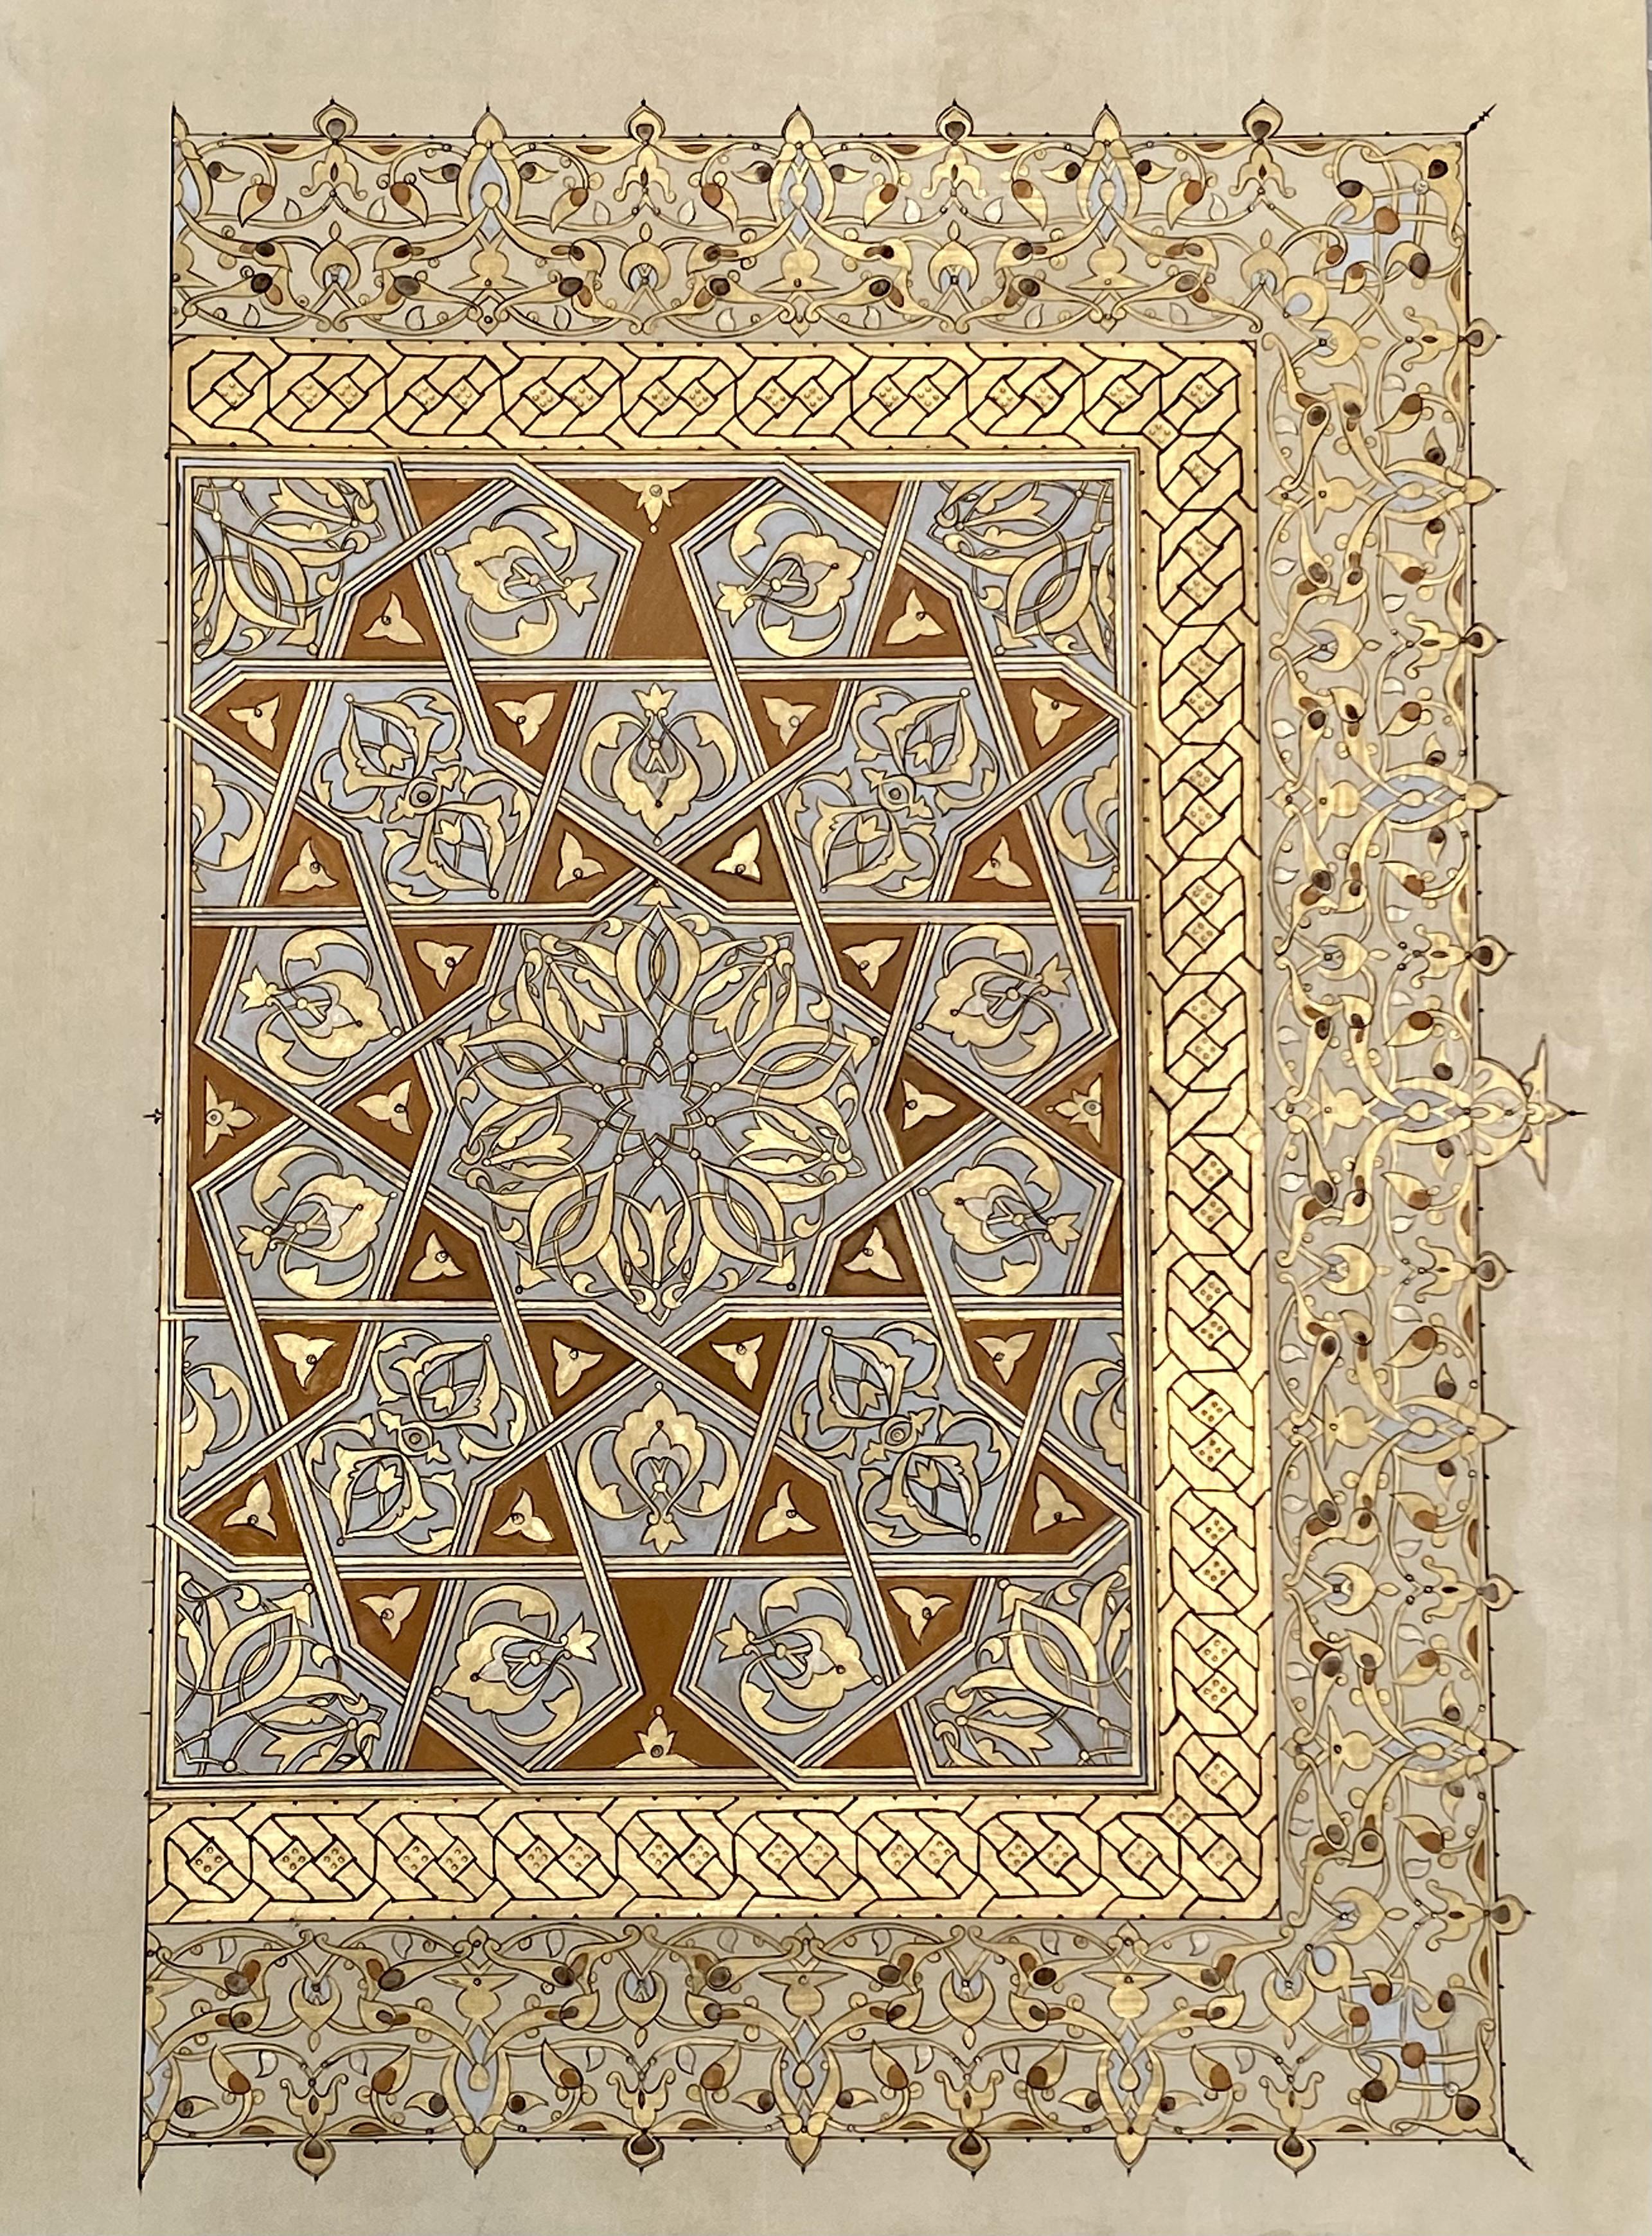 Mamluk Frontispiece Illumination